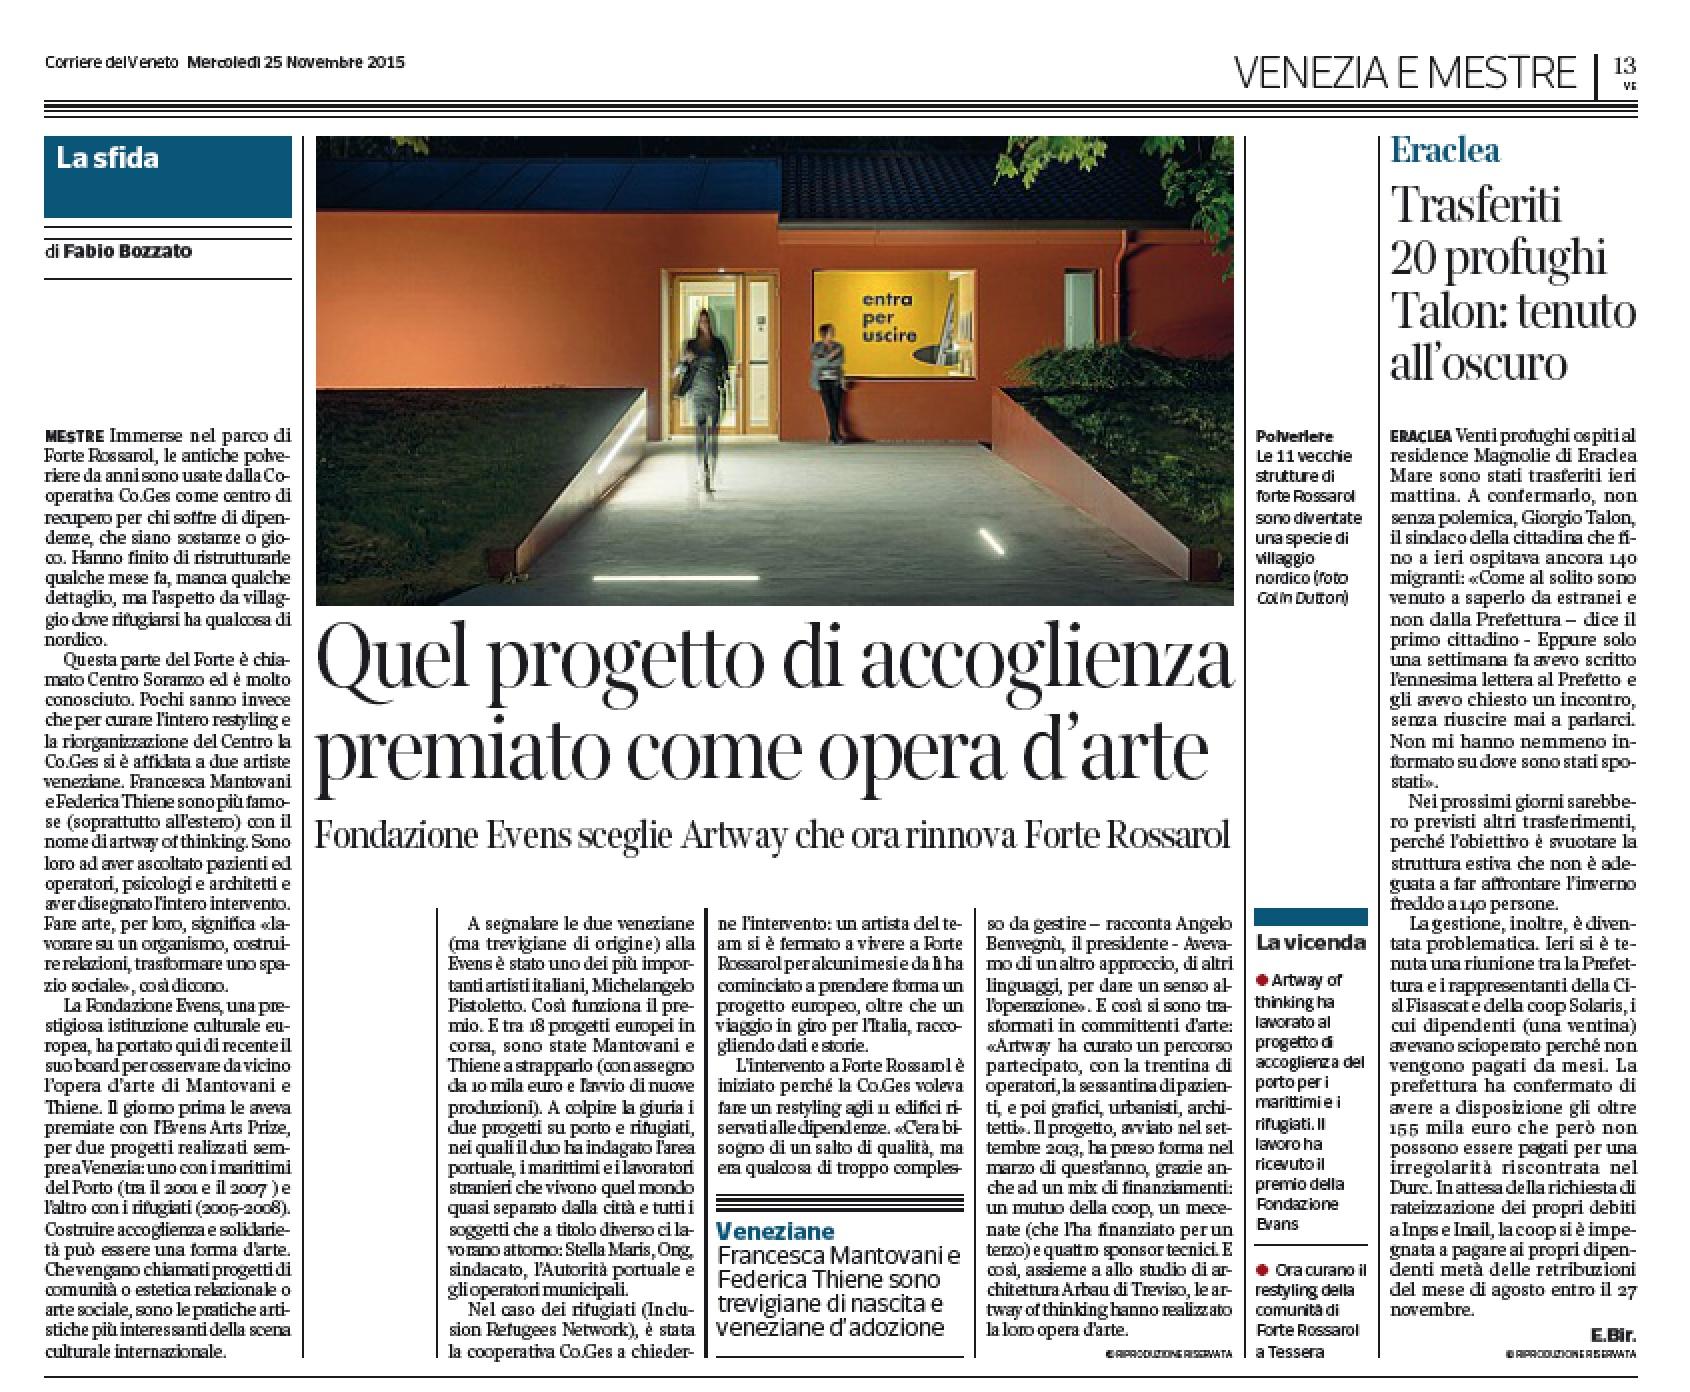 Corriere del Veneto, 25/11/2015